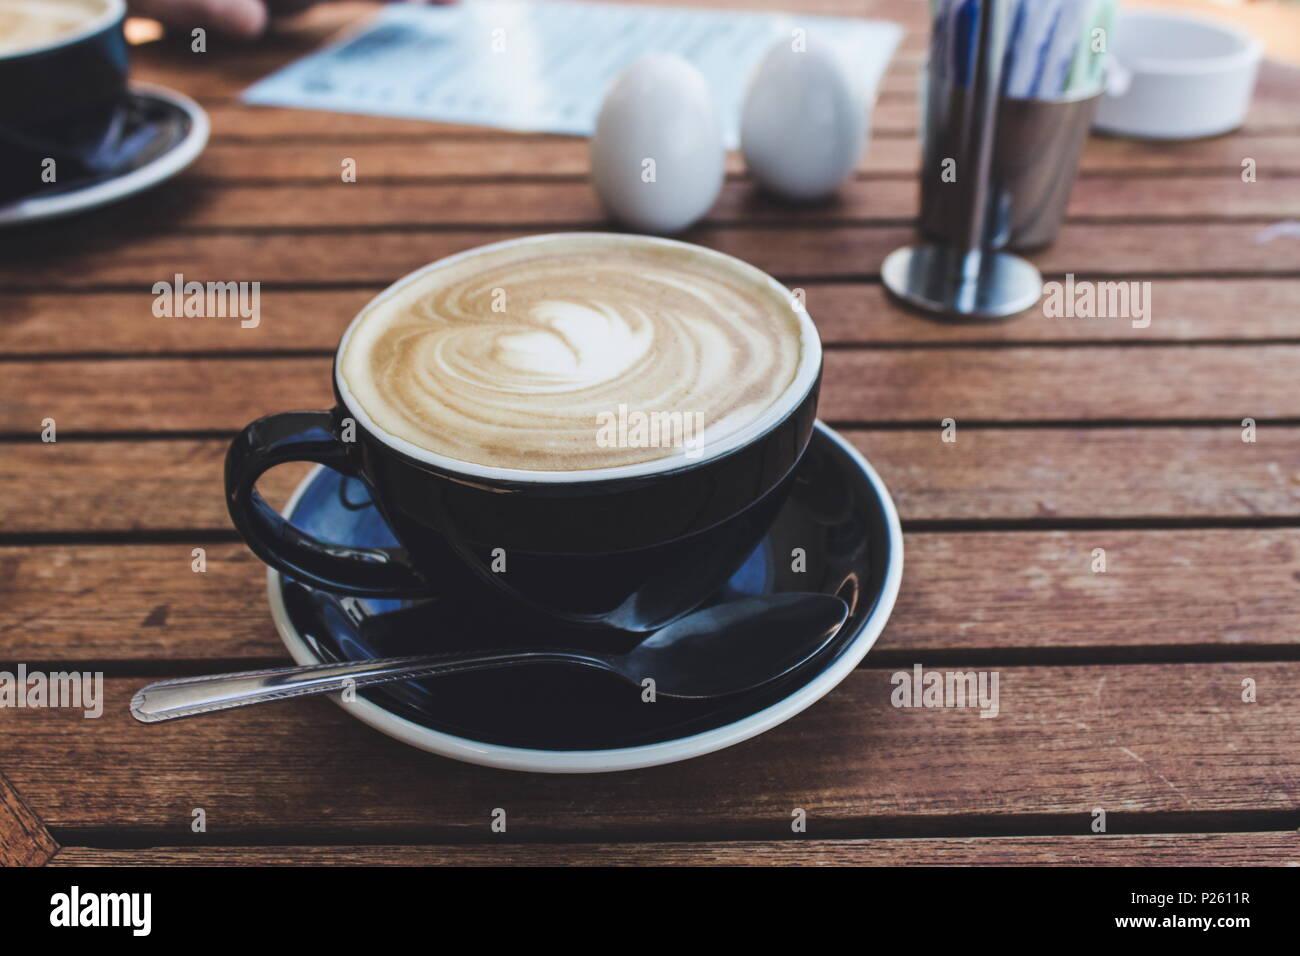 Chiudere l immagine di una tazza di caffè caldo in una tazza di colore nero Immagini Stock